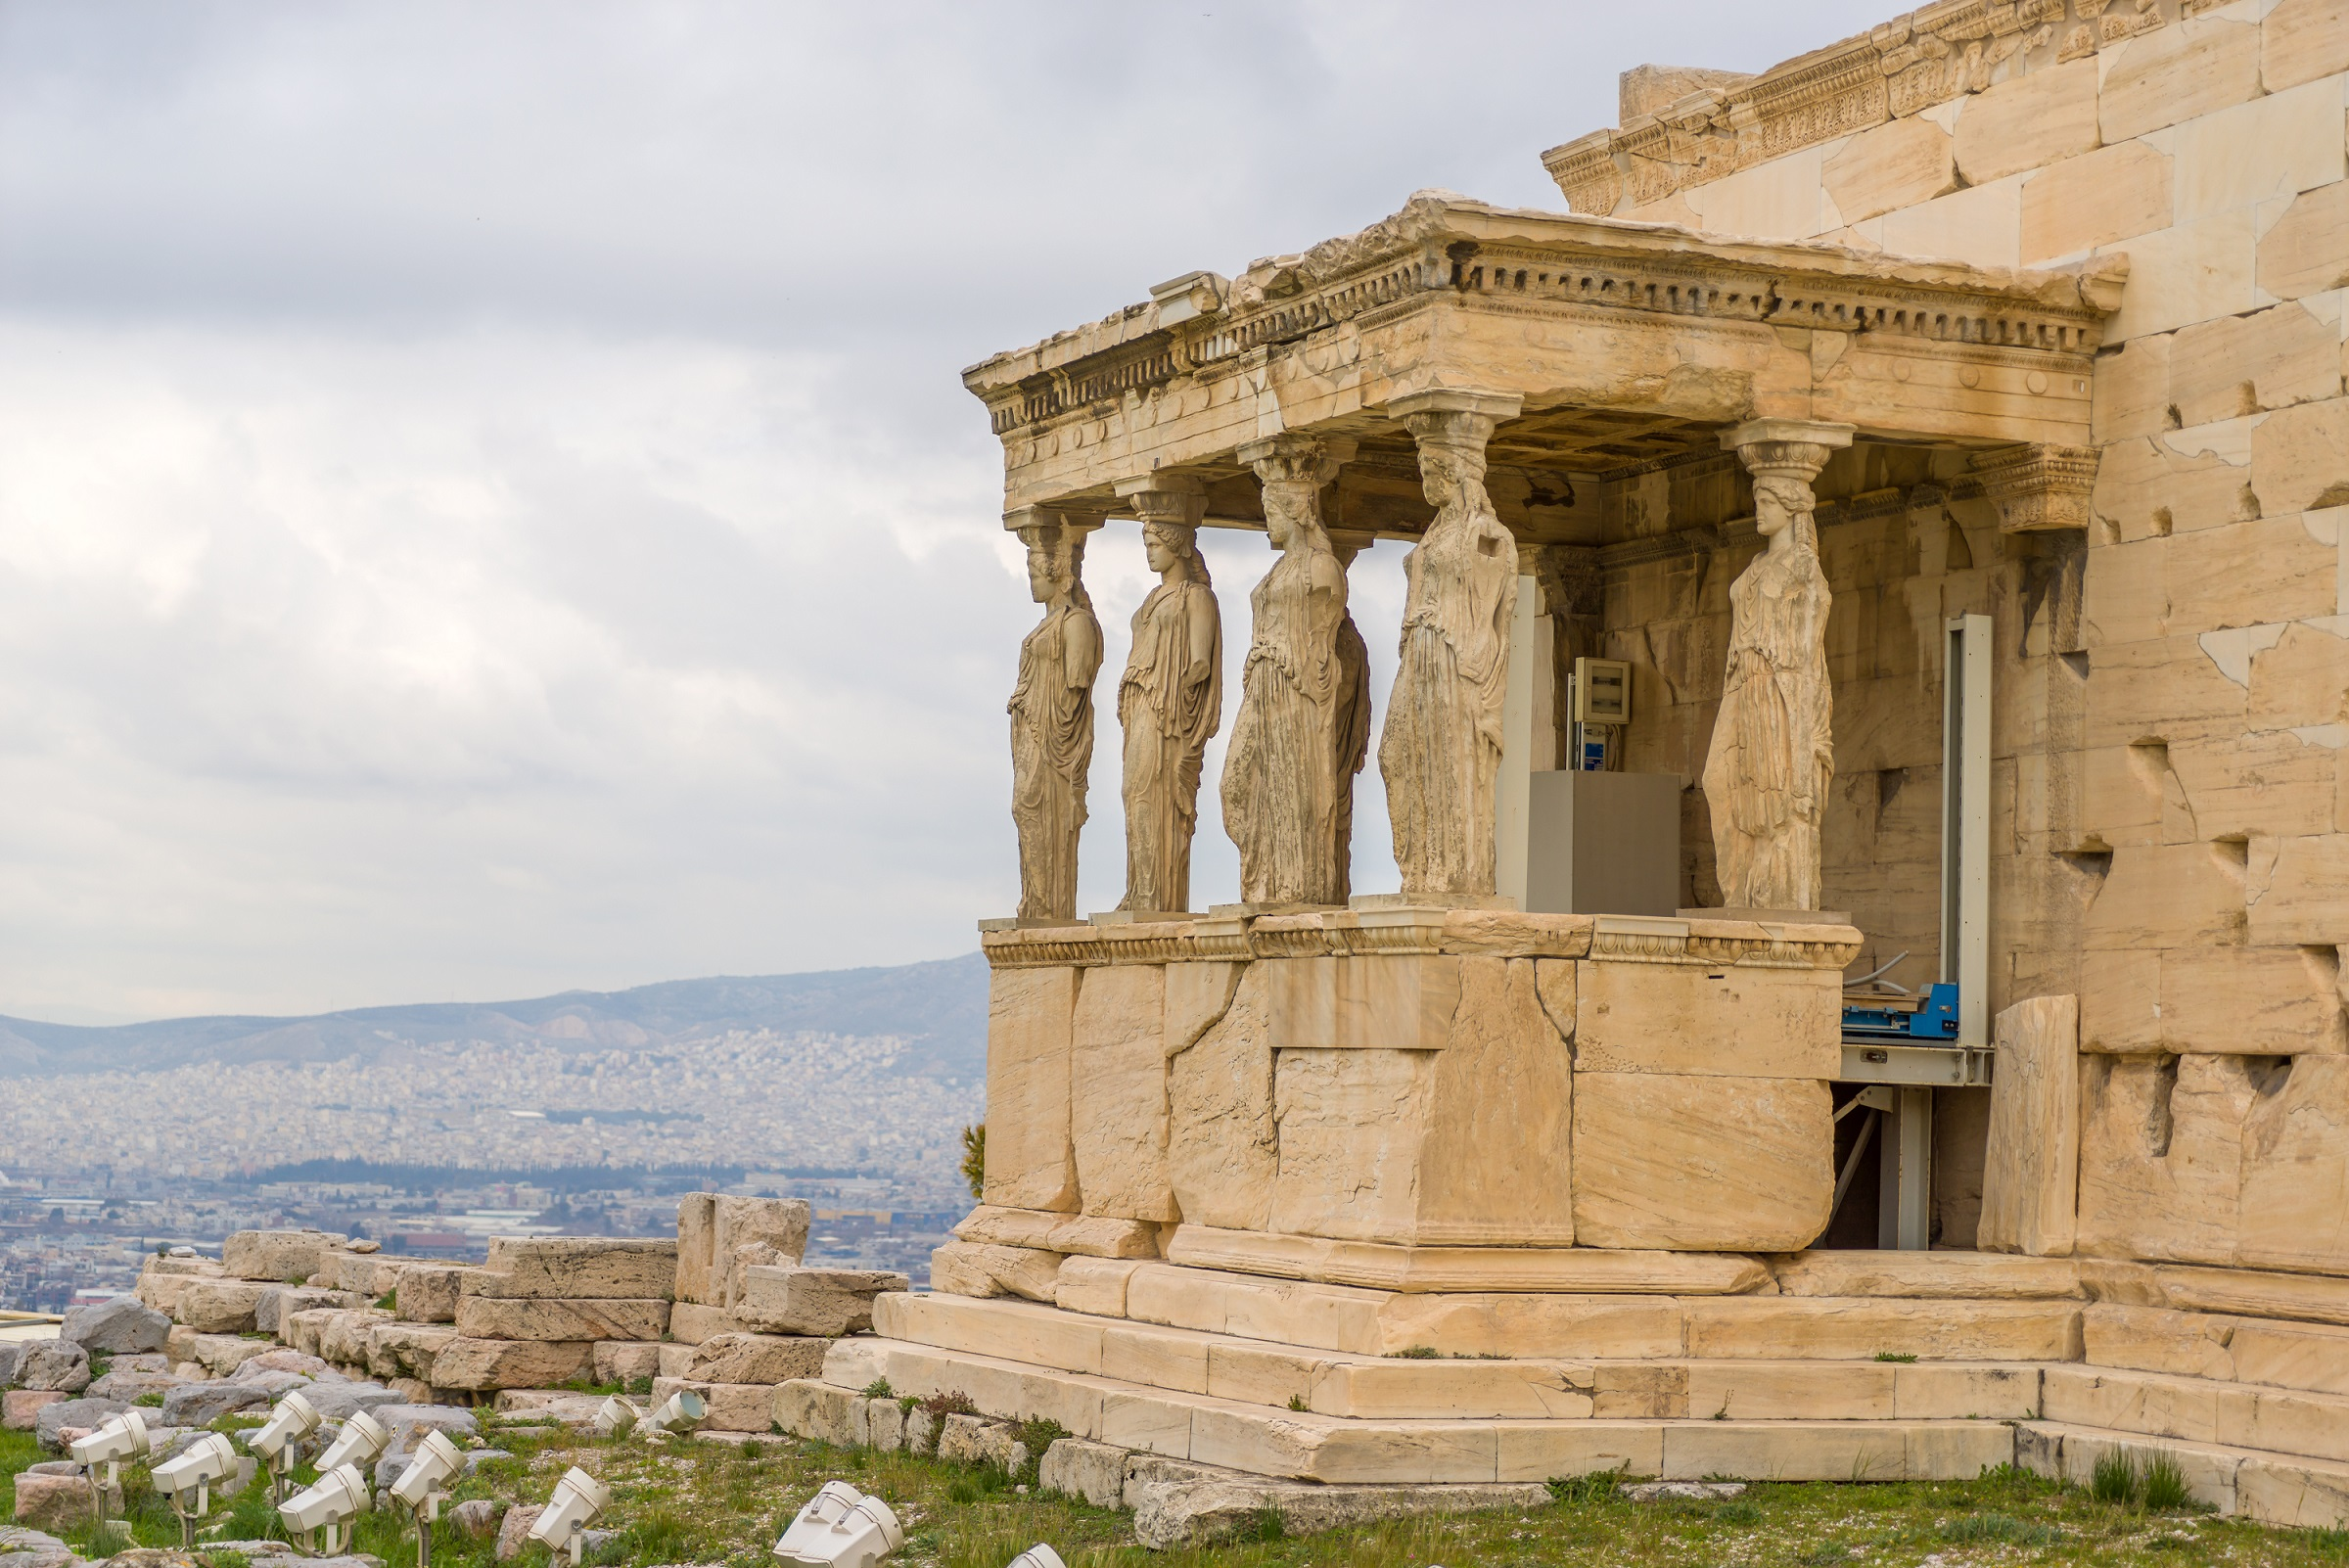 Columns of the Acropolis (Propilea) Athens Greece